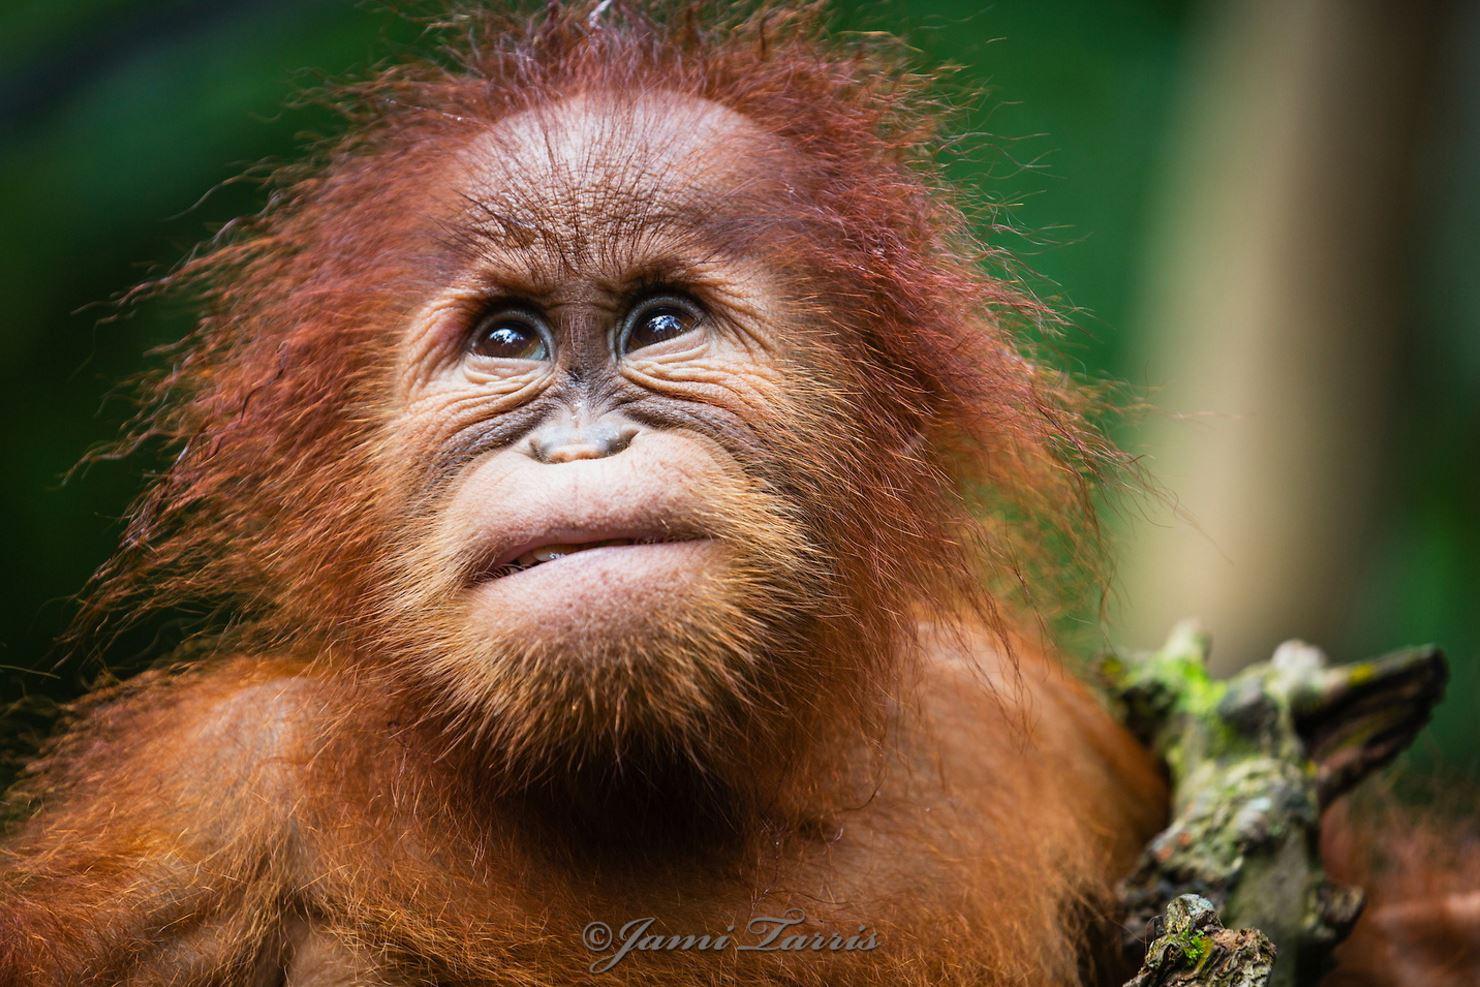 Image: Baby Orangutan outside looking up sweetly